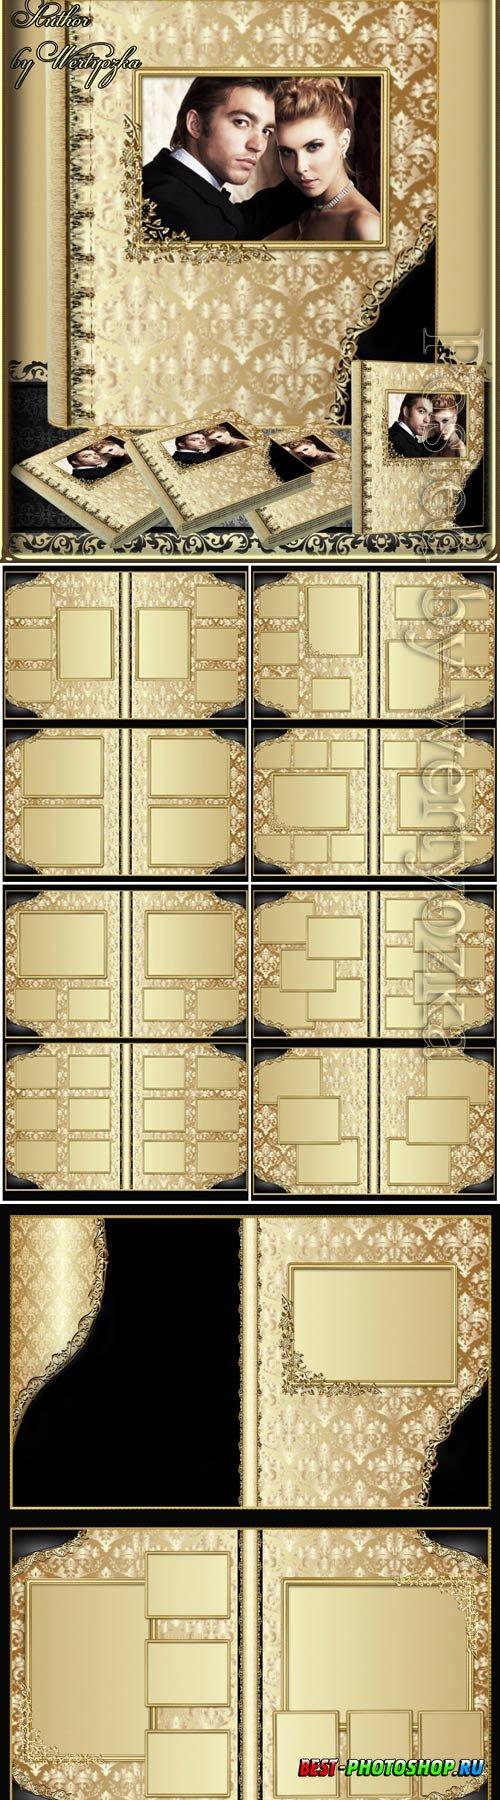 Photo album with golden design